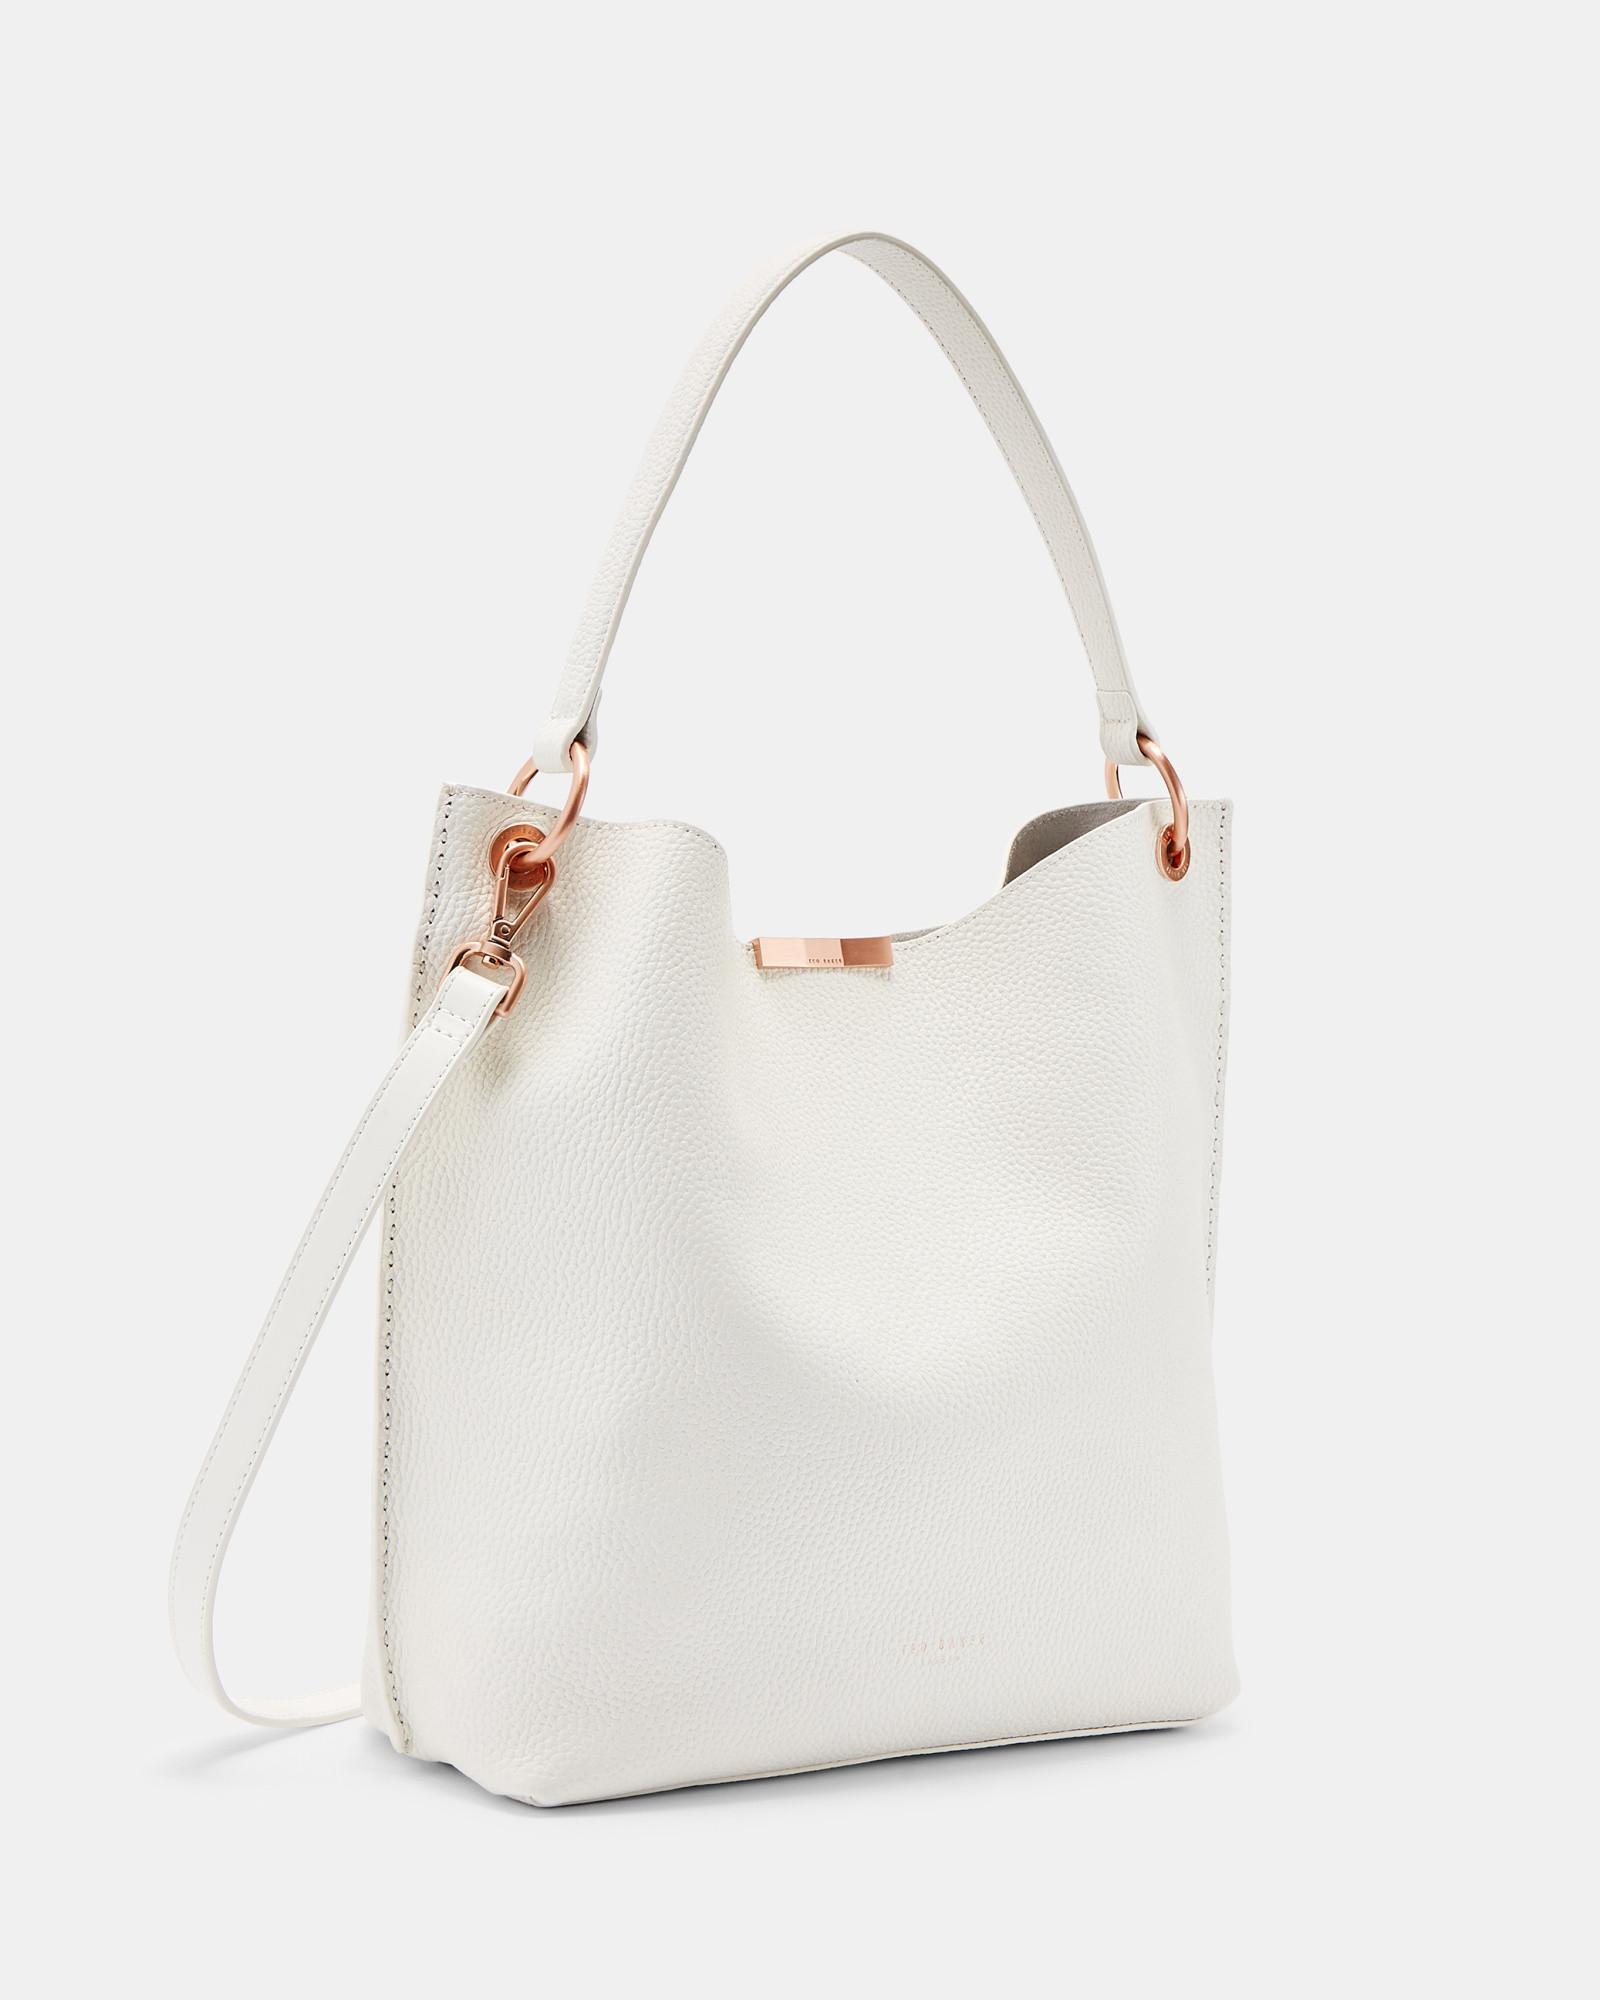 ba45d742888de Ted Baker Soft Grain Hobo Leather Bag in White - Lyst